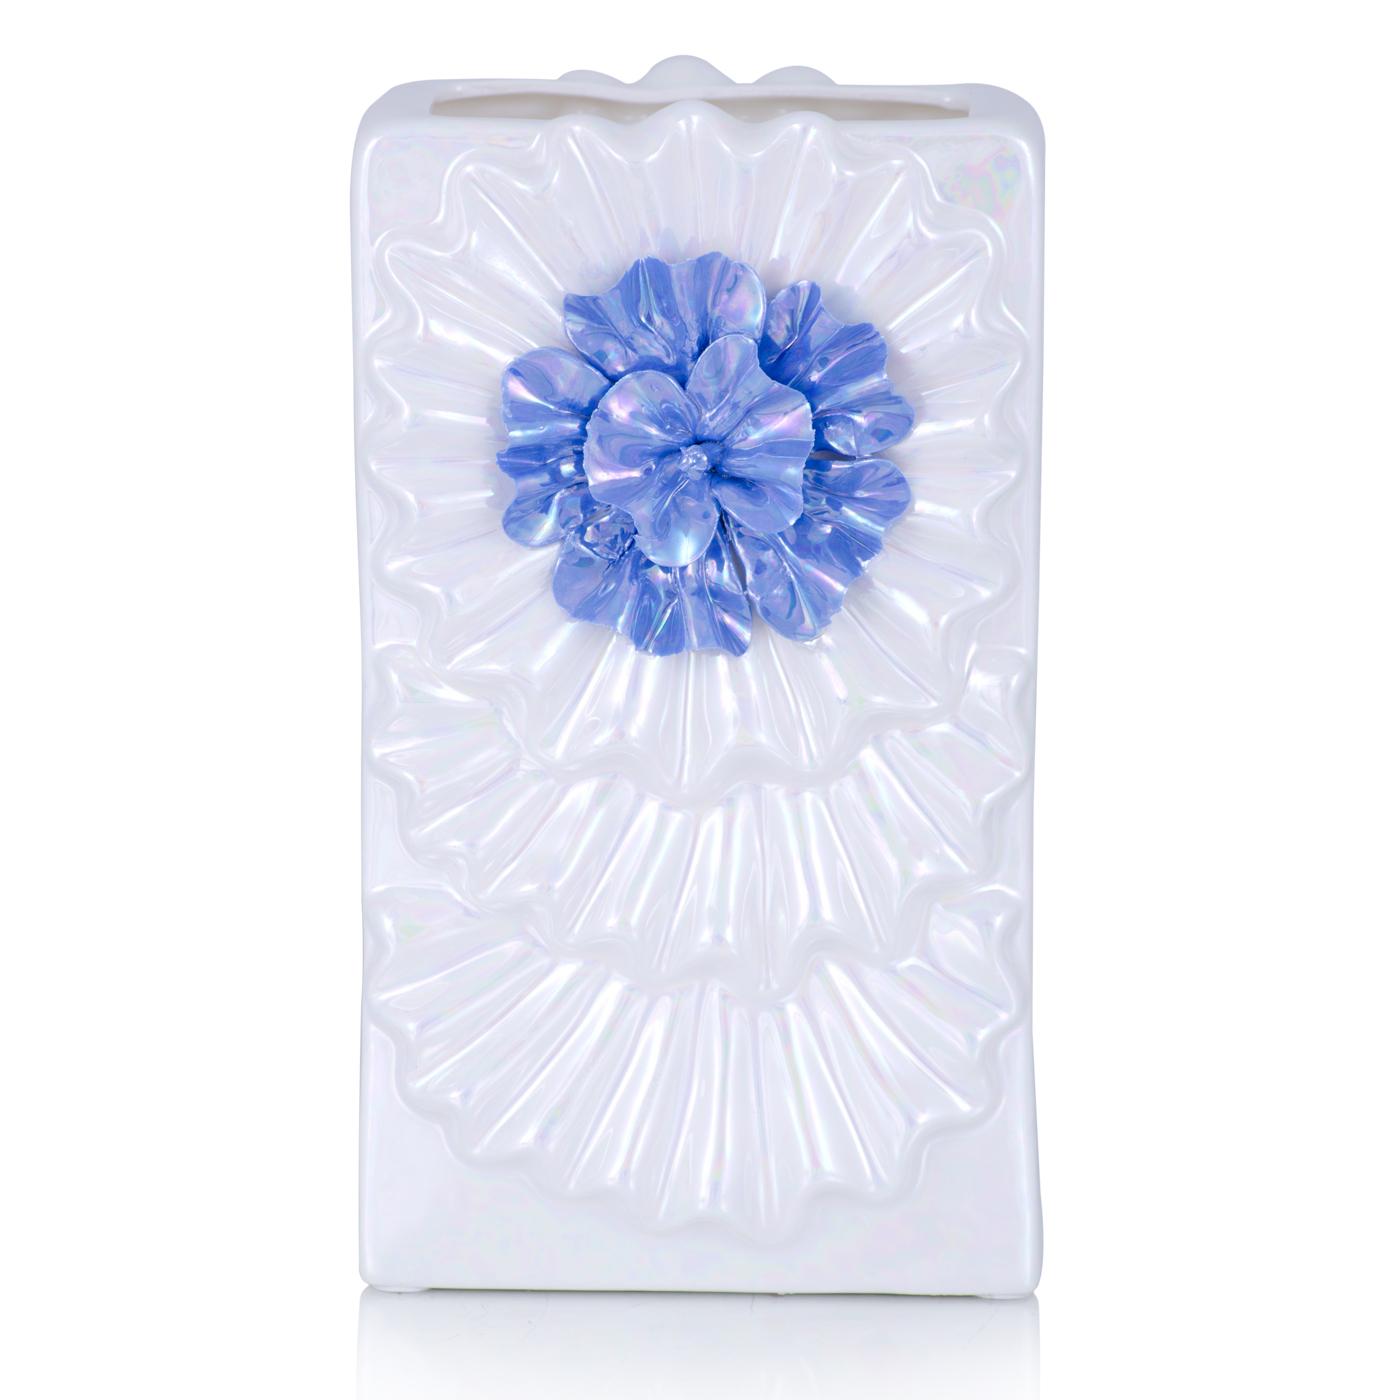 {} Home Philosophy Ваза Gladise Цвет: Перламутровый (10х15х26 см) home philosophy ваза mariana цвет молочный набор